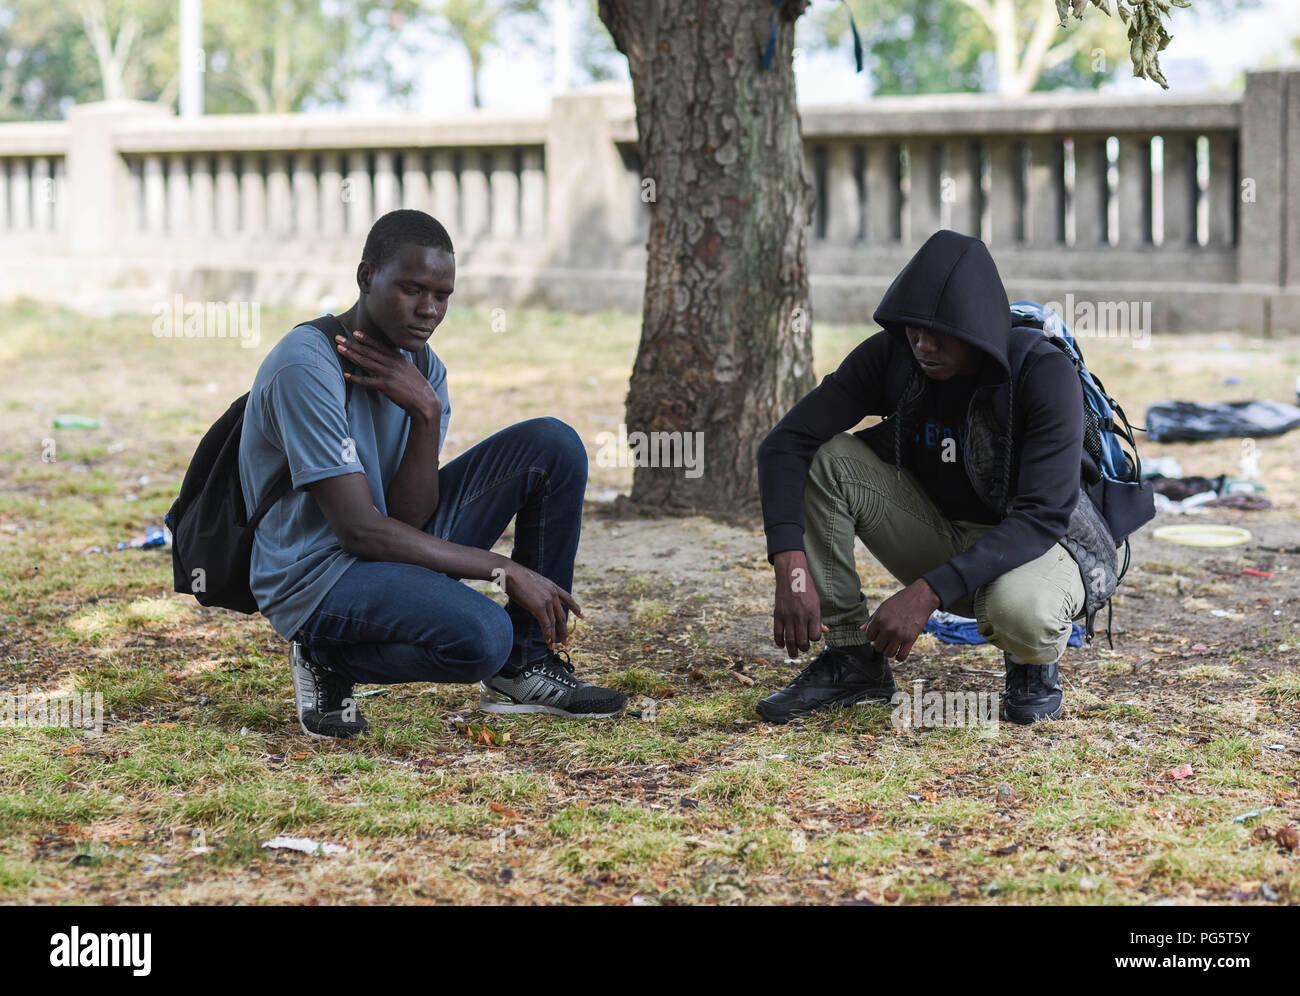 August 14, 2018 - Paris, France: Portrait of two Chadian underage migrants who sleep in a public park near the peripherique (ring road) between porte de la Chapelle and porte d'Aubervilliers. Deux mineurs tchadiens, Samajita (L), 16 ans, et Hassan Bobacar, 15 ans, montrent lÕendroit ou ils dorment en attendant de demander lÕasile. Les deux amis dÕenfance ont quitte ensemble la region du lac Tchad pour echapper aux exactions meurtrieres du groupe jihadiste Boko Haram. *** FRANCE OUT / NO SALES TO FRENCH MEDIA *** - Stock Image